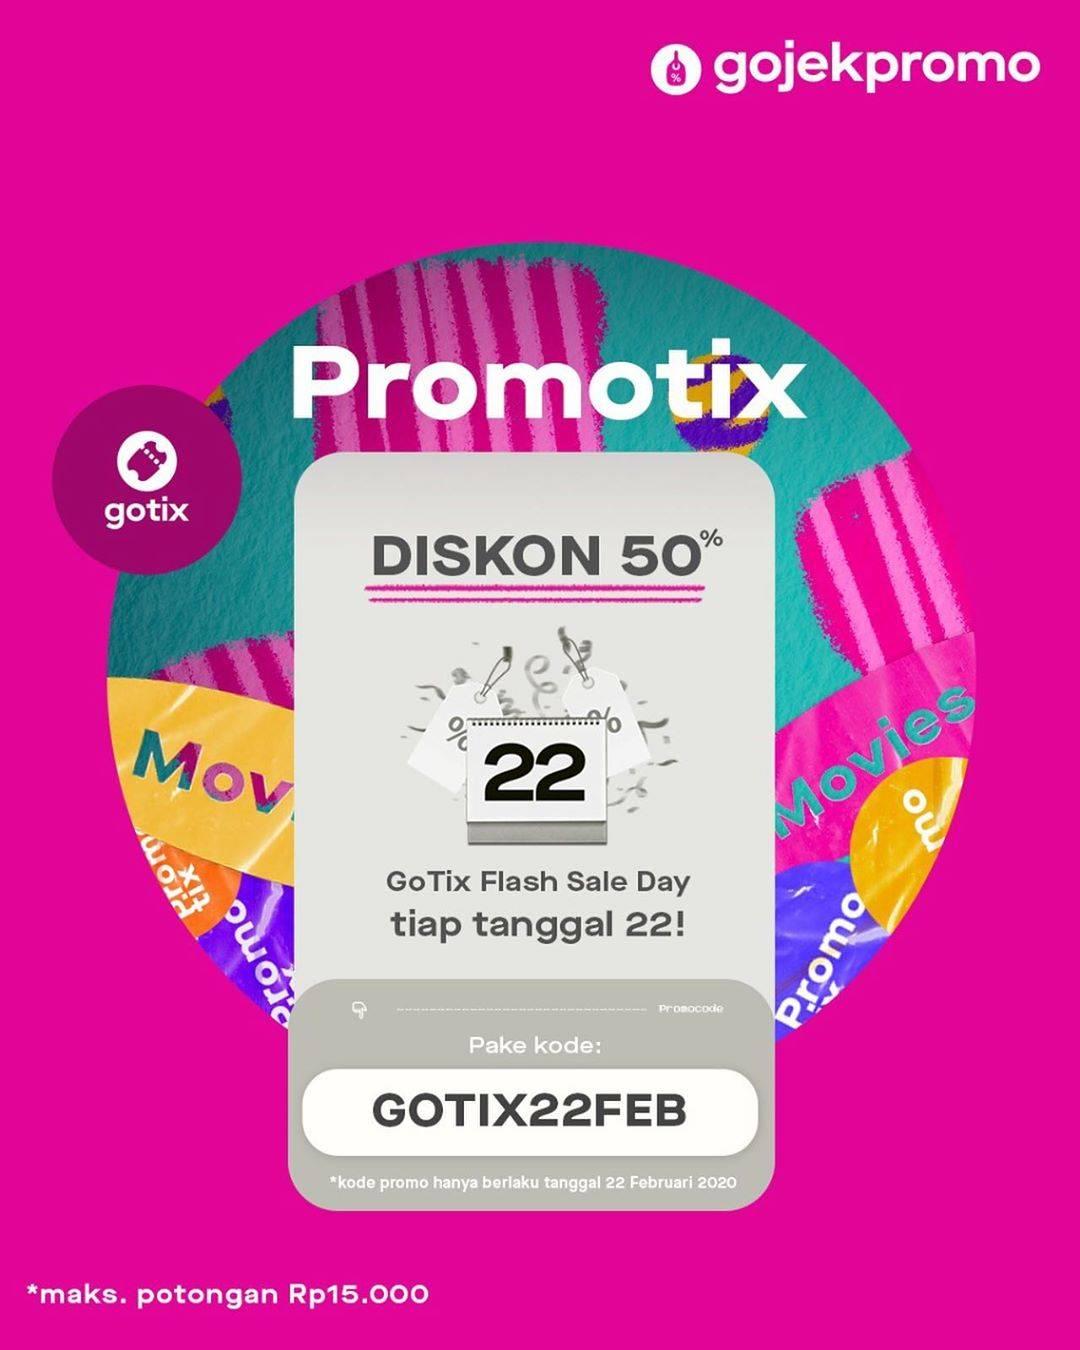 GoTix Promo GoTix Flash Sale Day, Diskon 50% Untuk Tiket Aktivitas Pilihan.